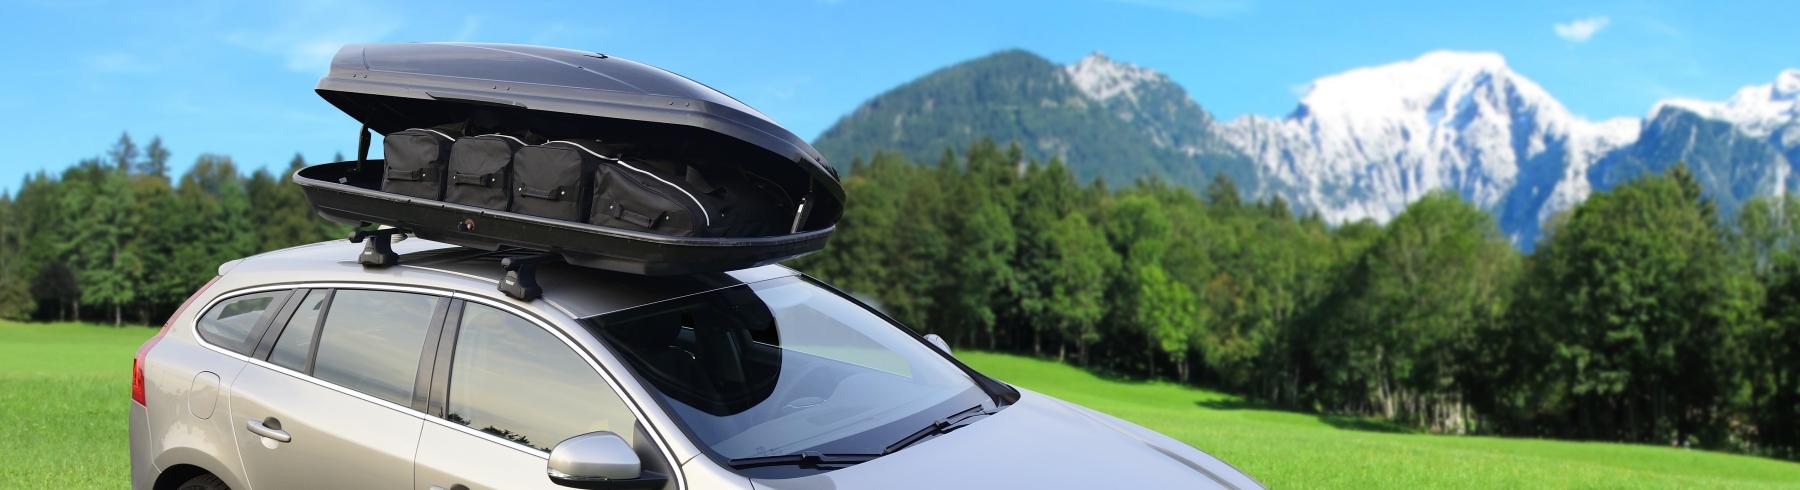 car-bags-dakboxtassen-zomer